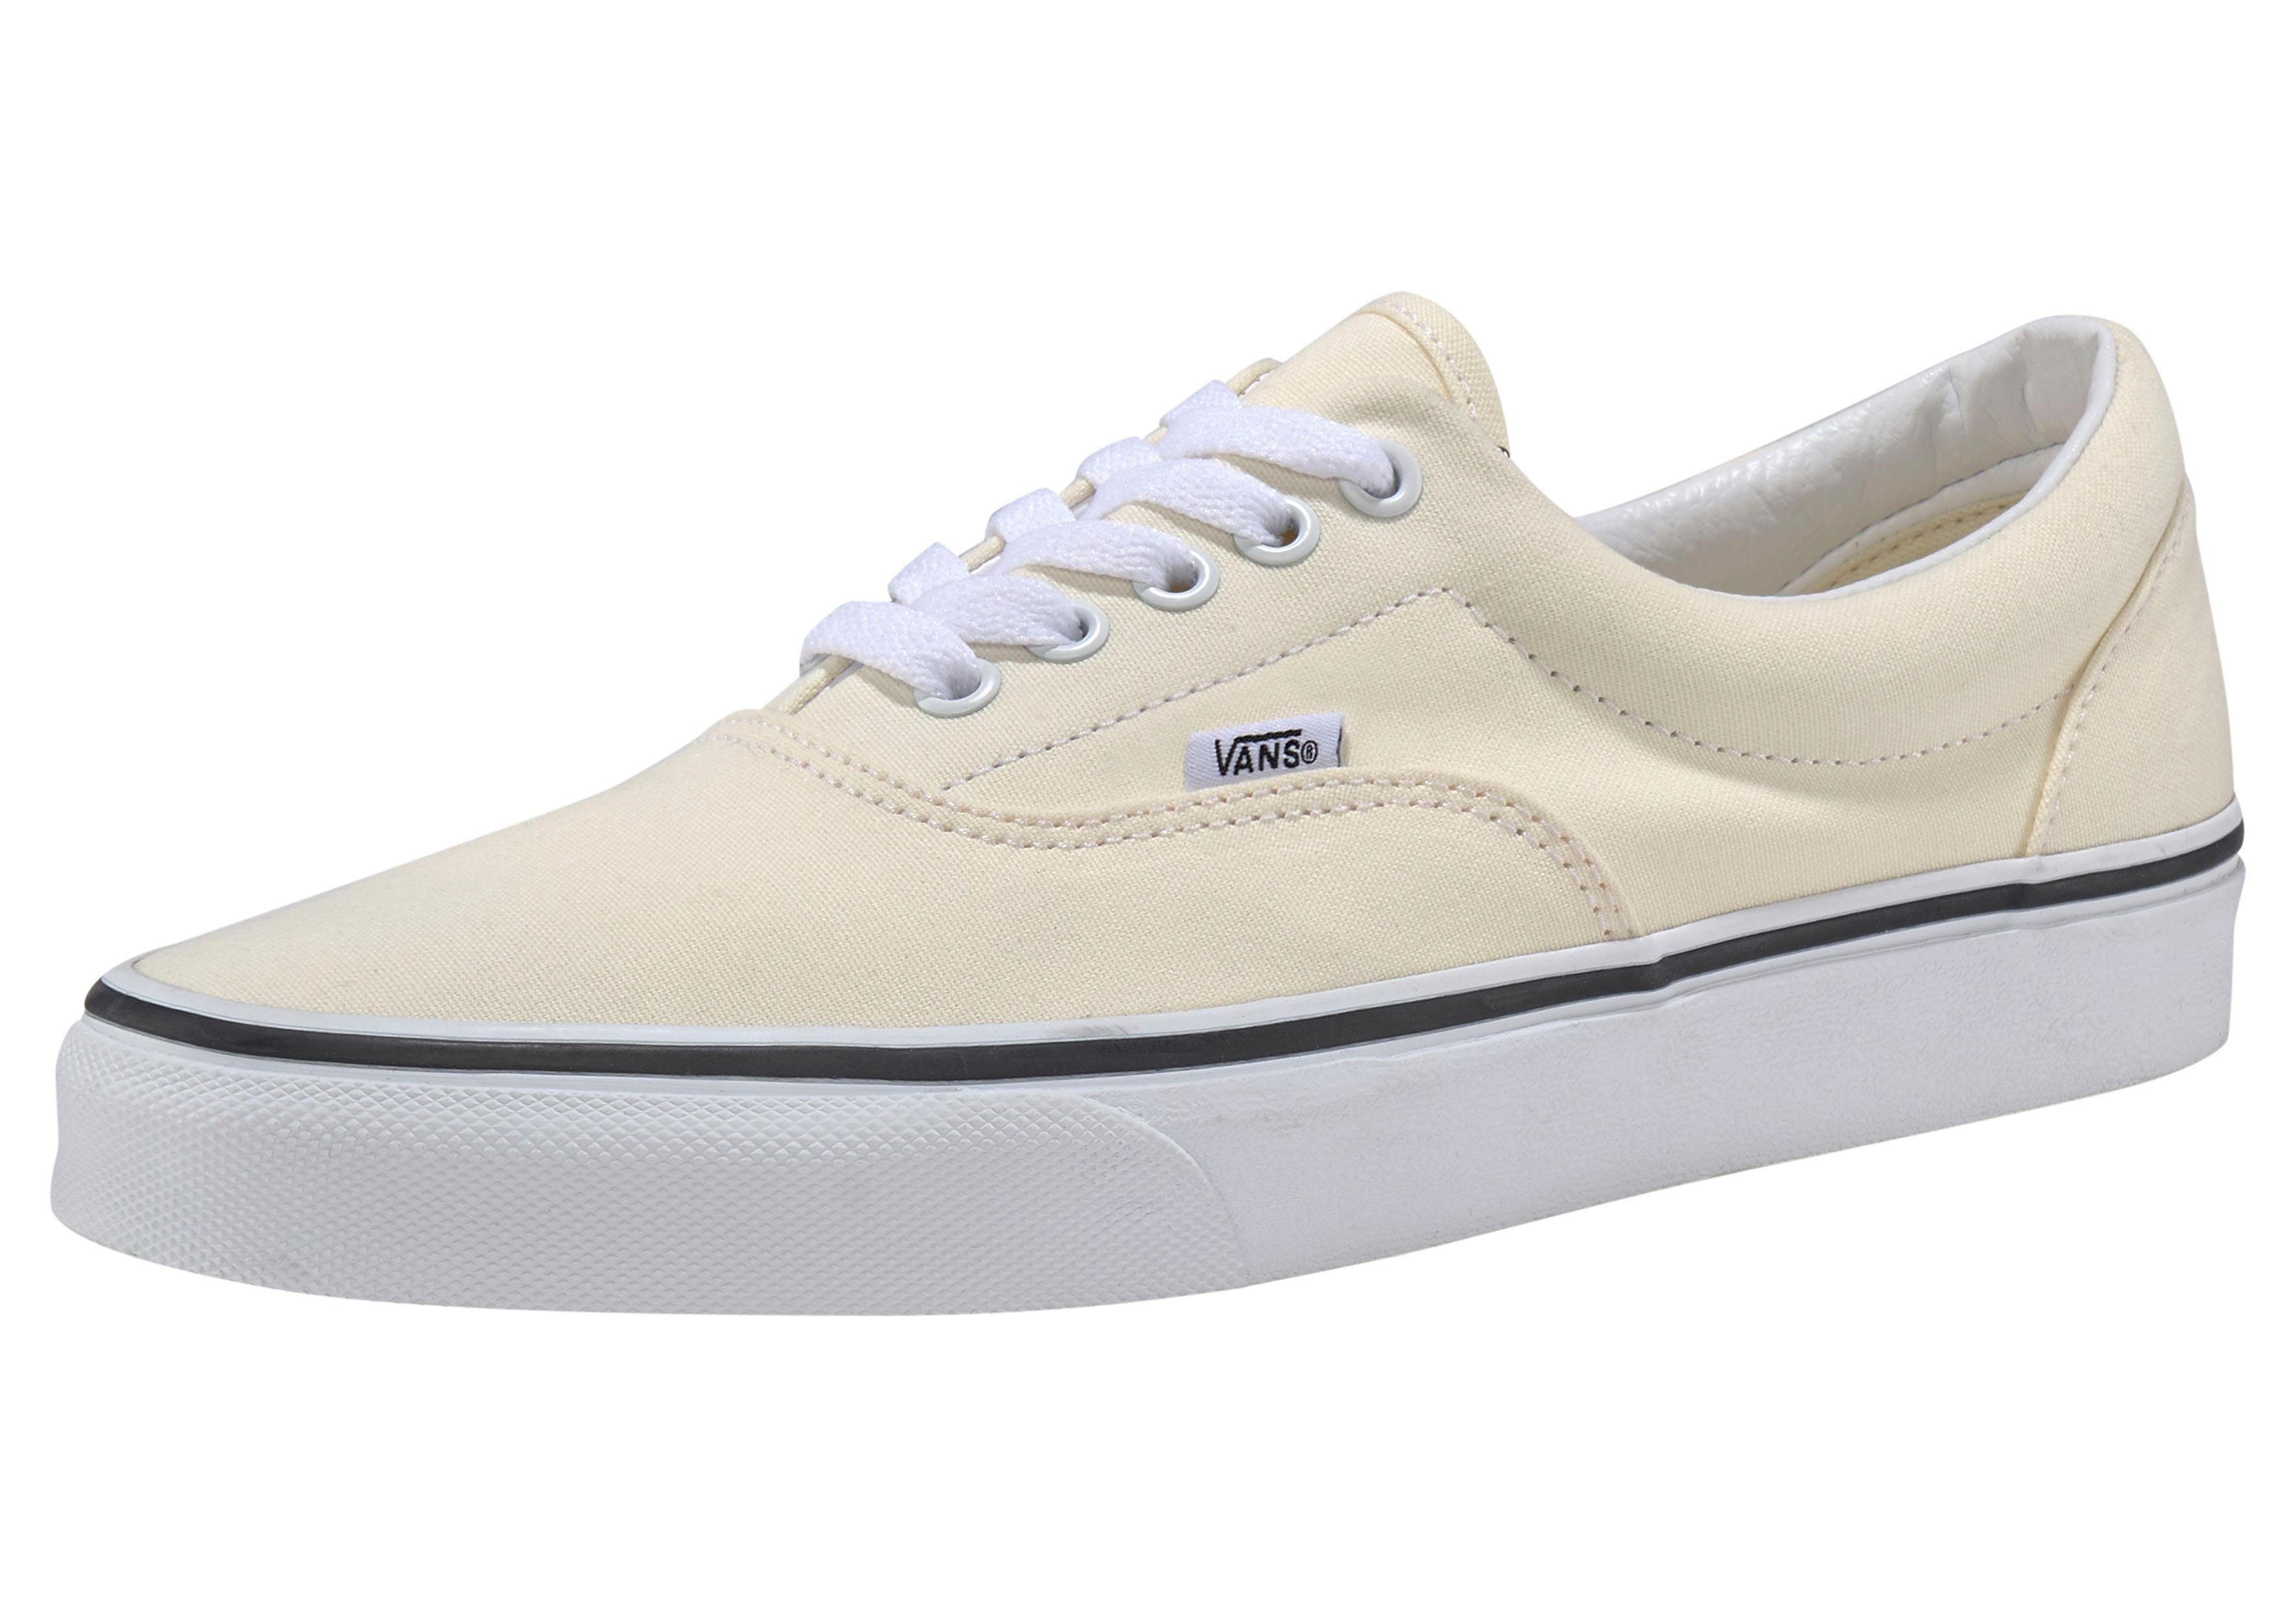 Vans »Old Skool Platform« Plateausneaker, Moderner Sneaker von Vans online kaufen | OTTO